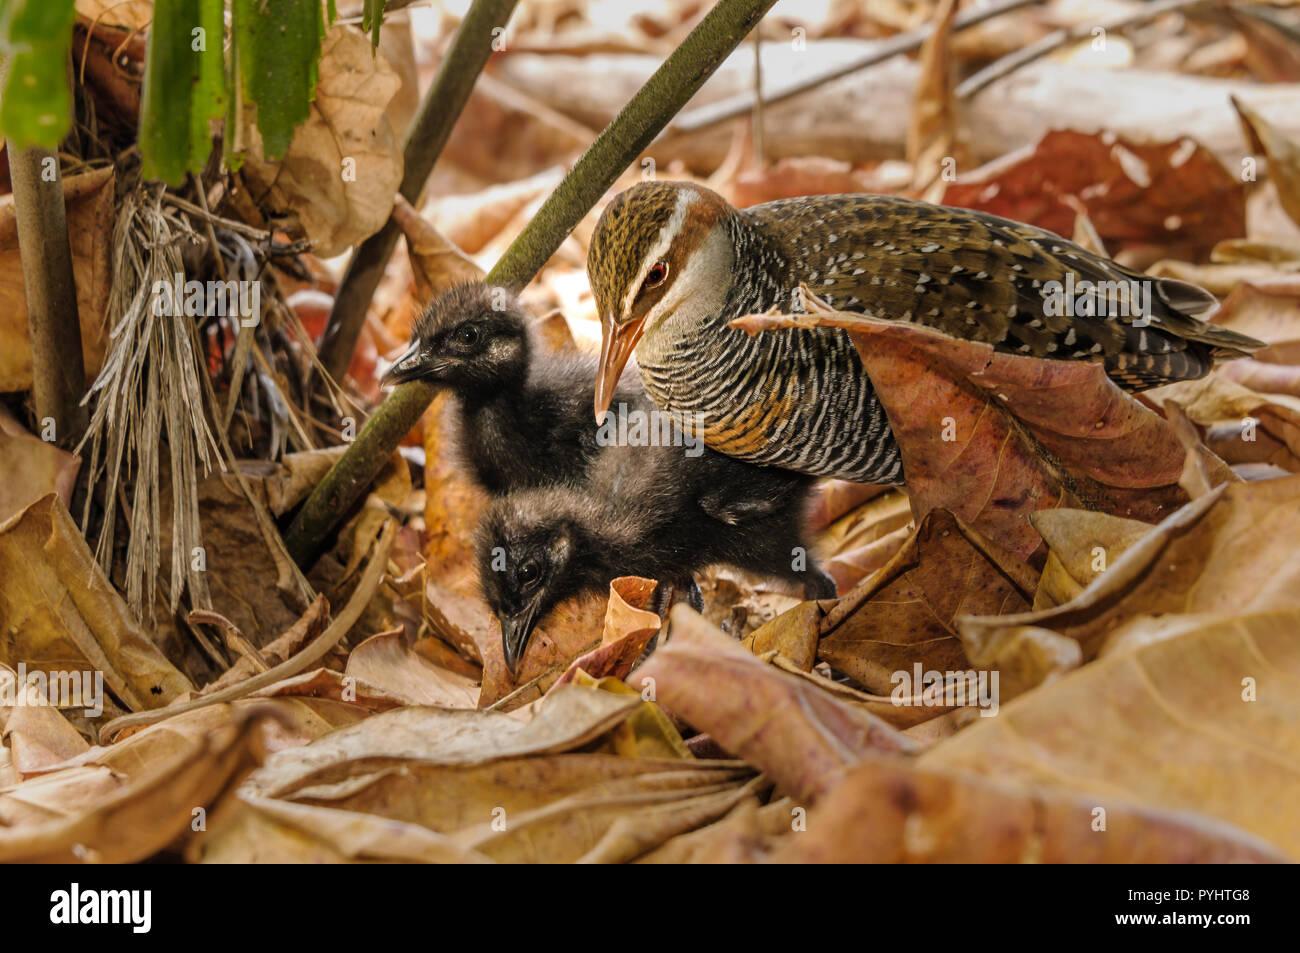 Buff-rampa nastrati madre, su un offshore isola del Pacifico, esplorare e l'alimentazione attraverso la figliata di foglia habitat con la sua covata di neonati. Immagini Stock